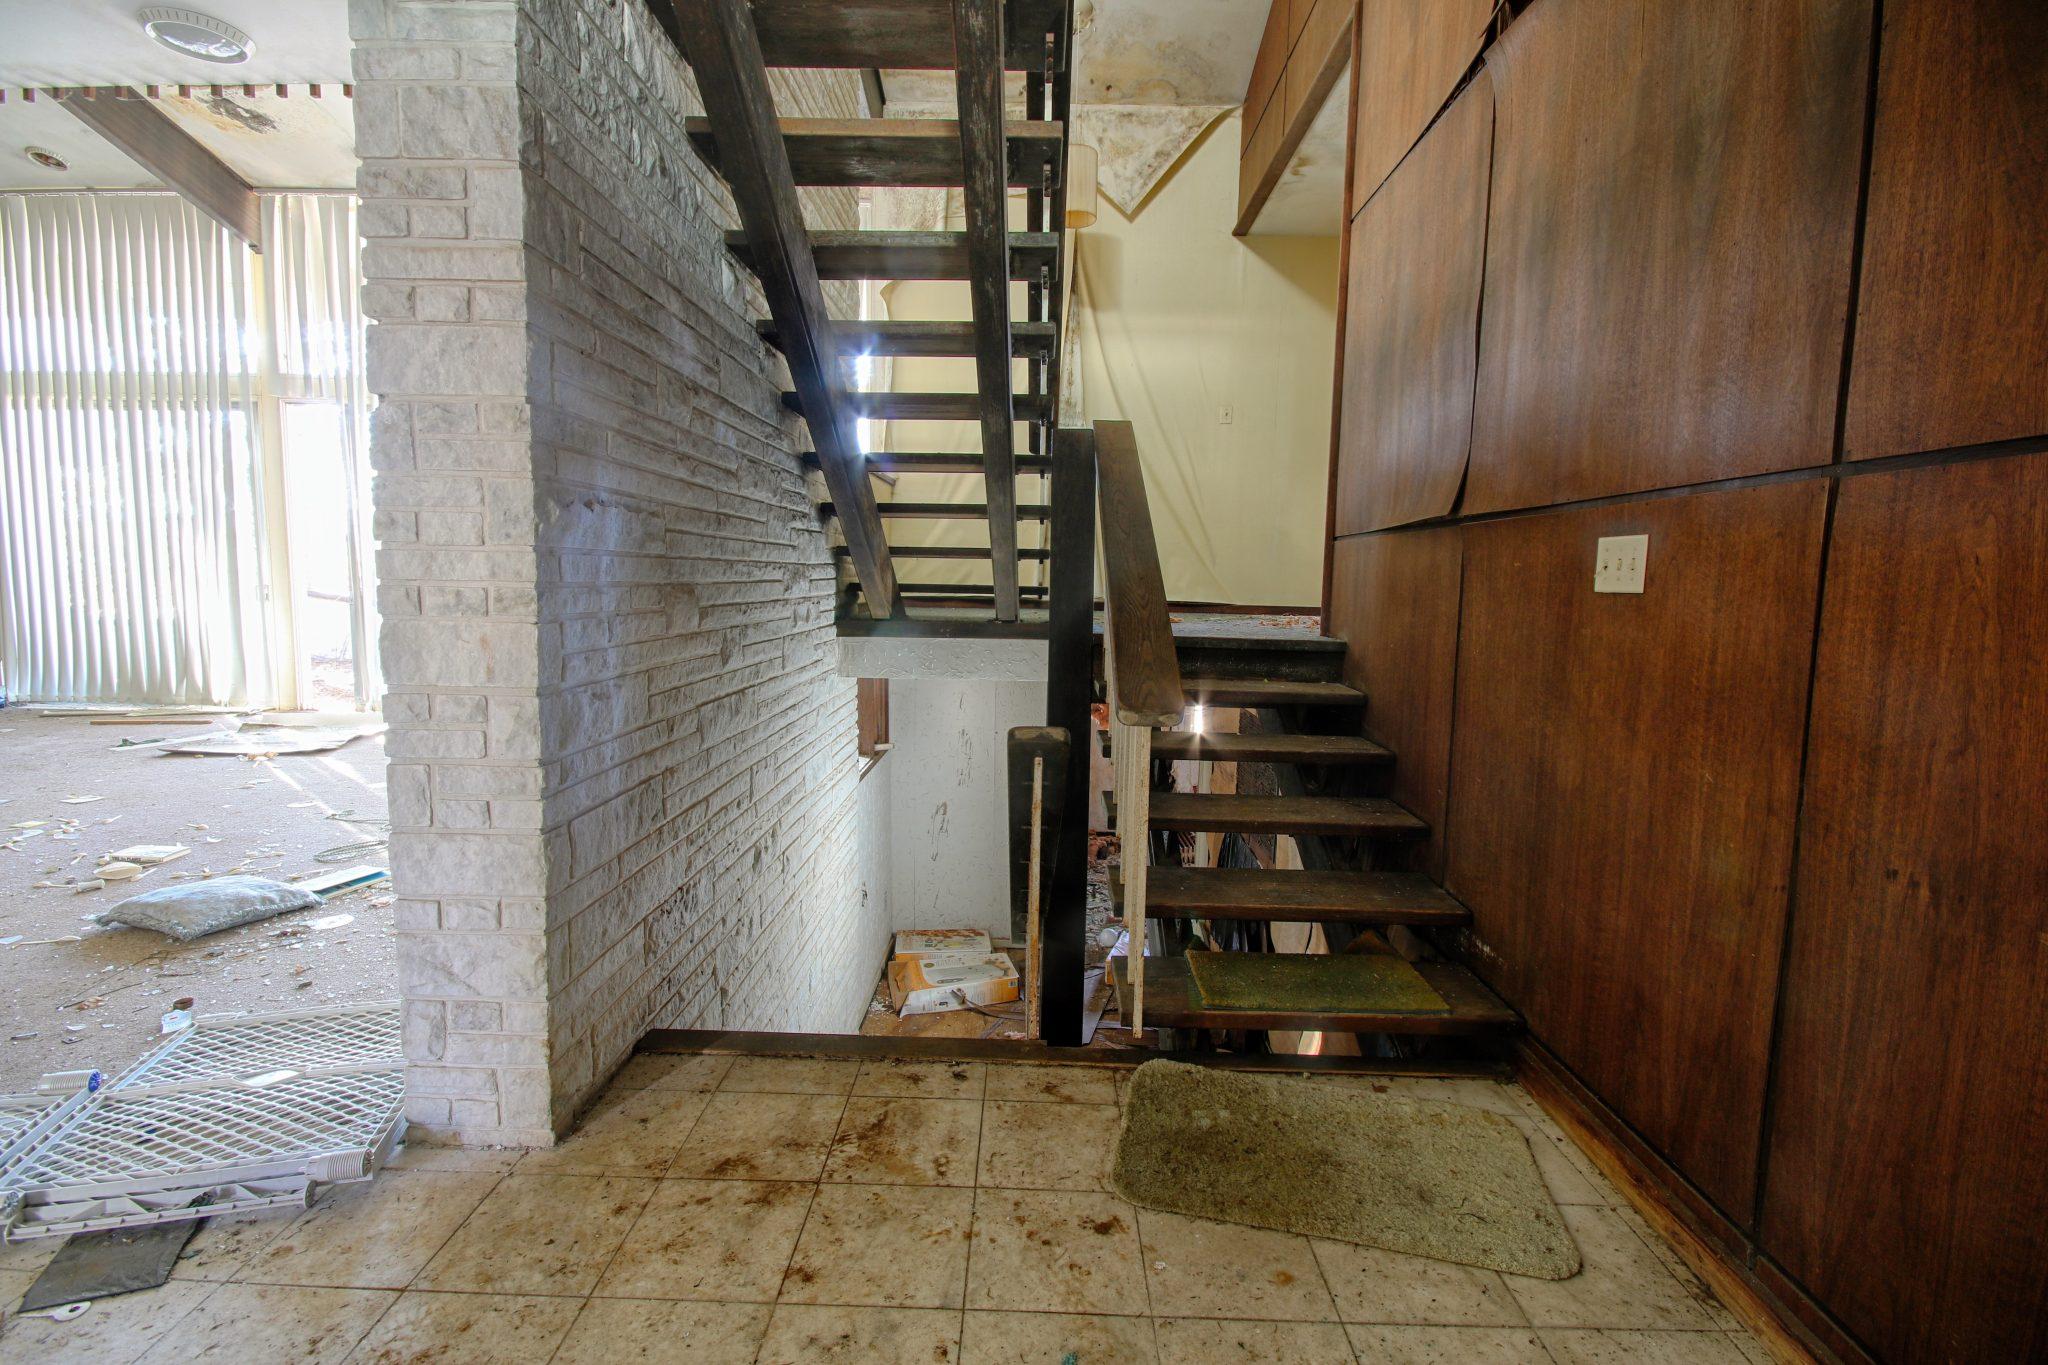 Nevele Hotel Lodge Stairway